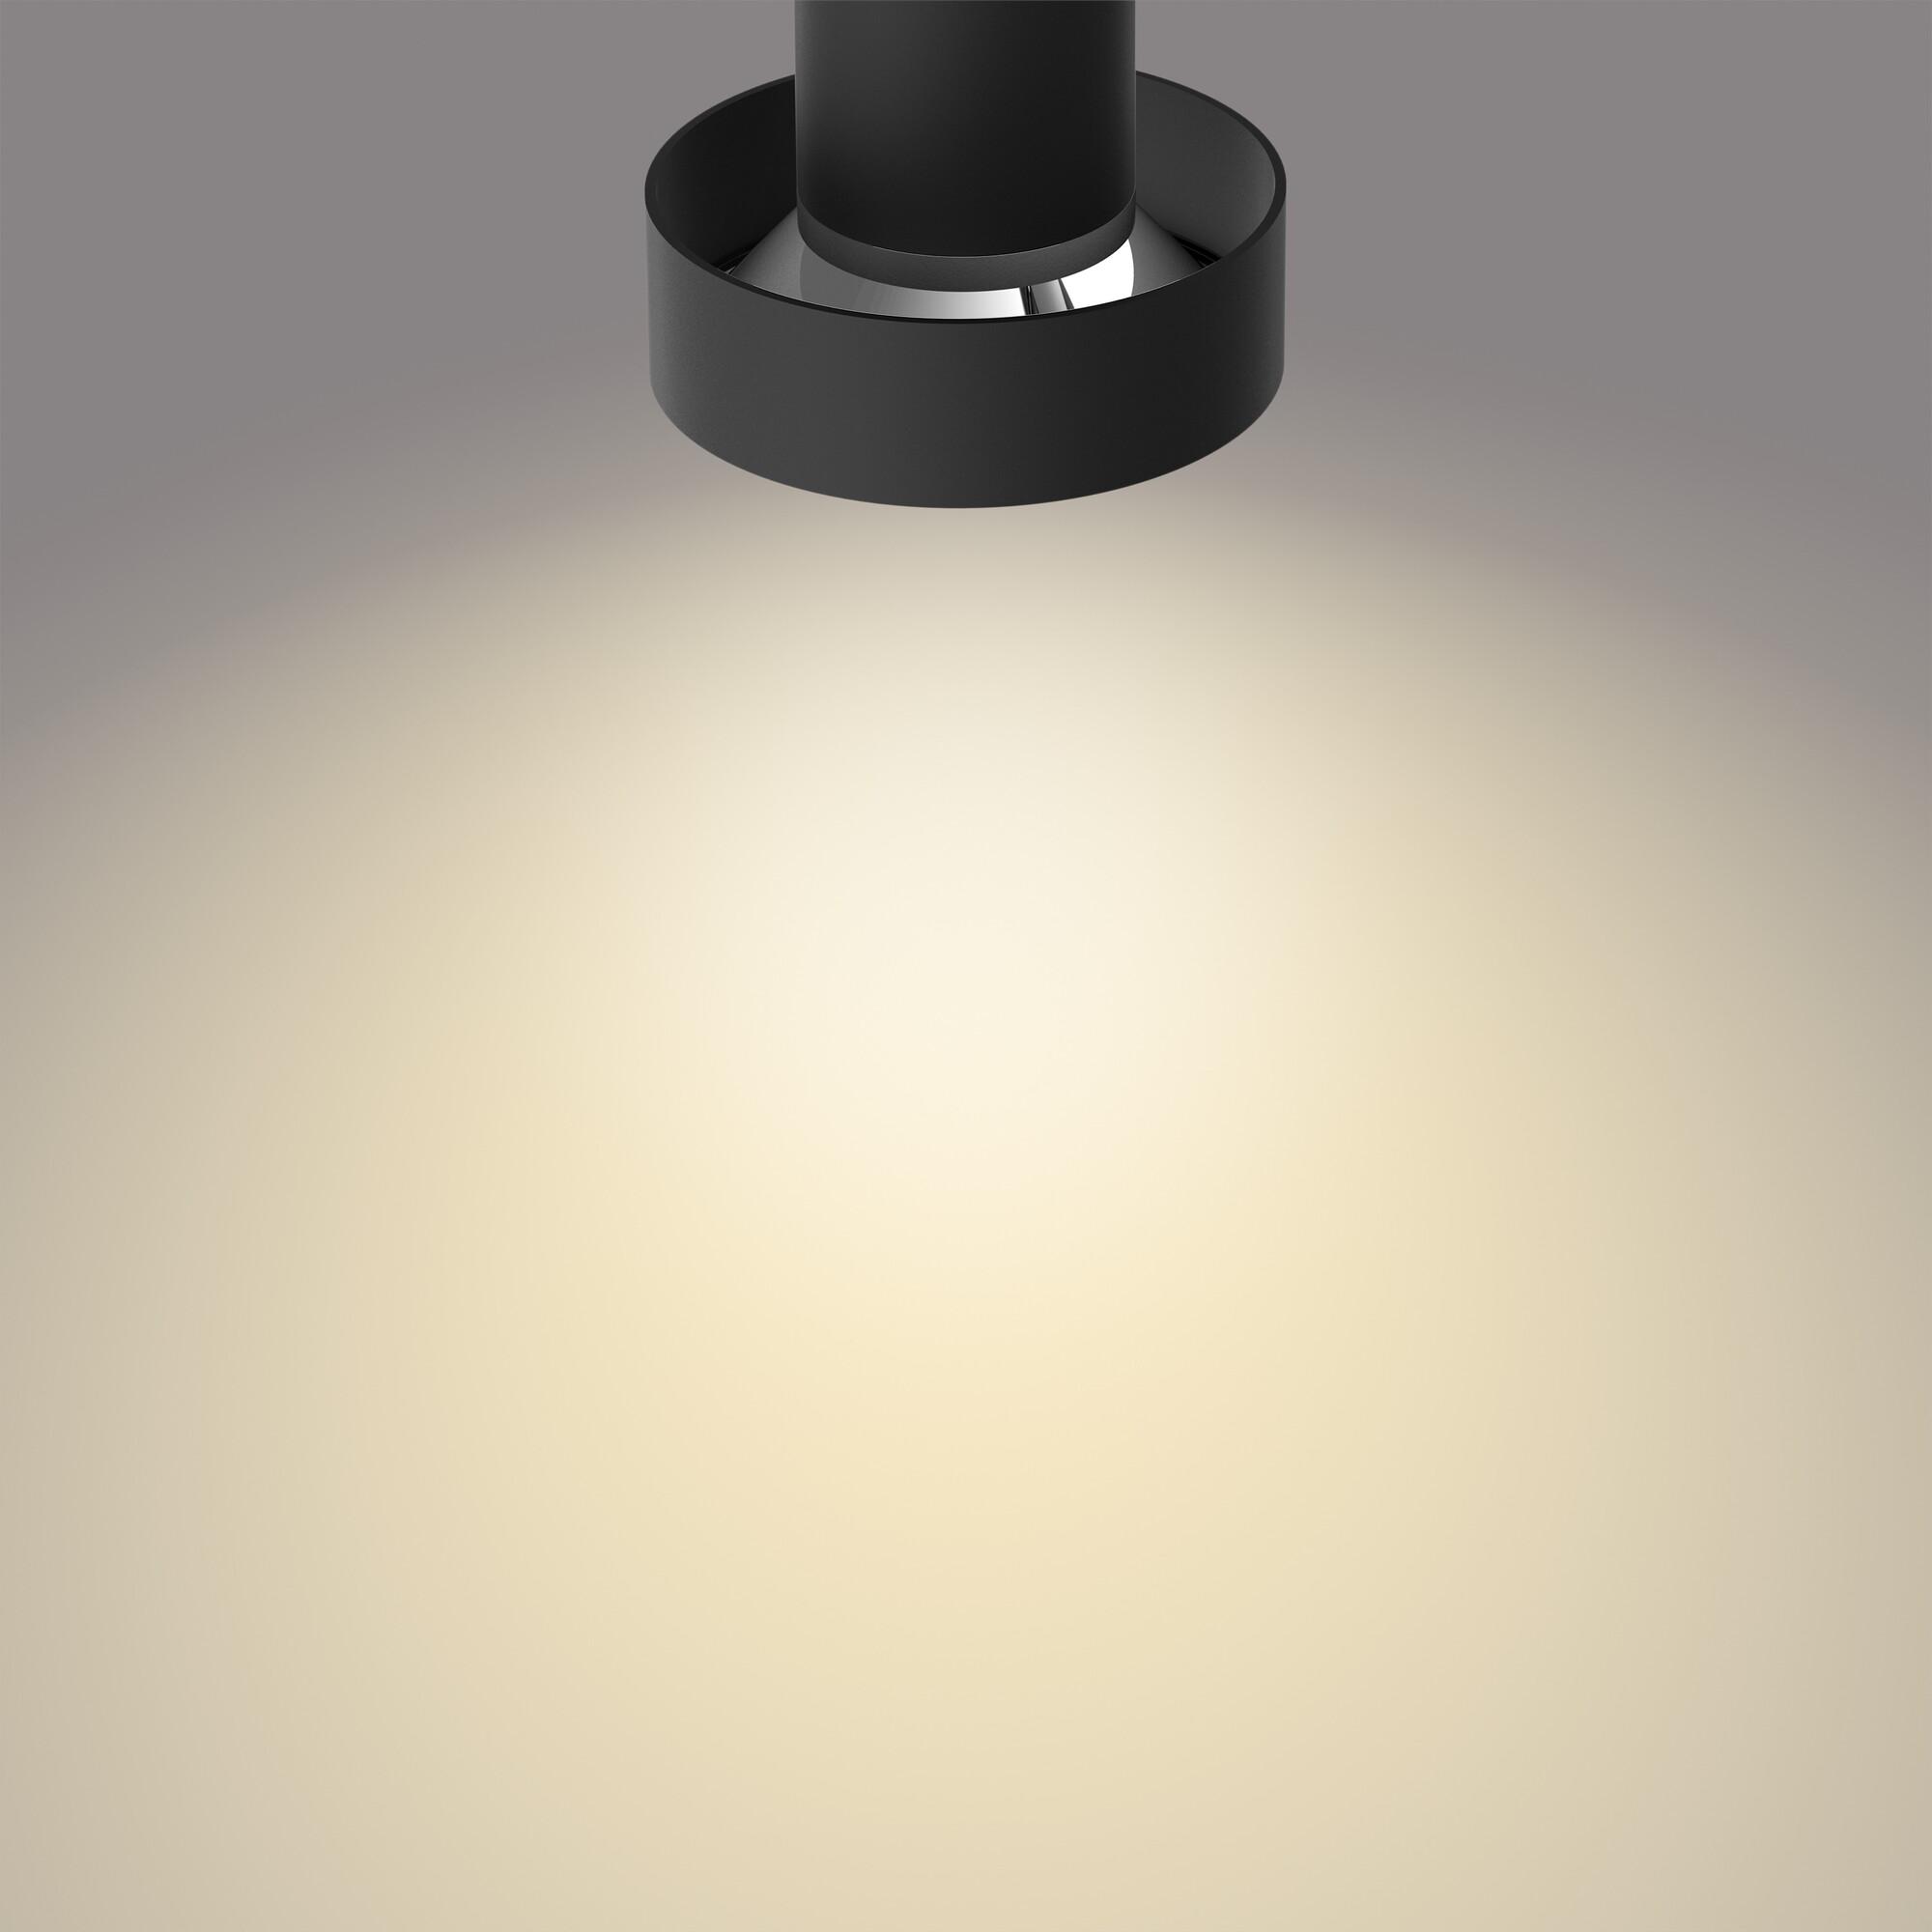 Philips BUKKO Opbouwspot LED 3x4,3W/430lm Zwart